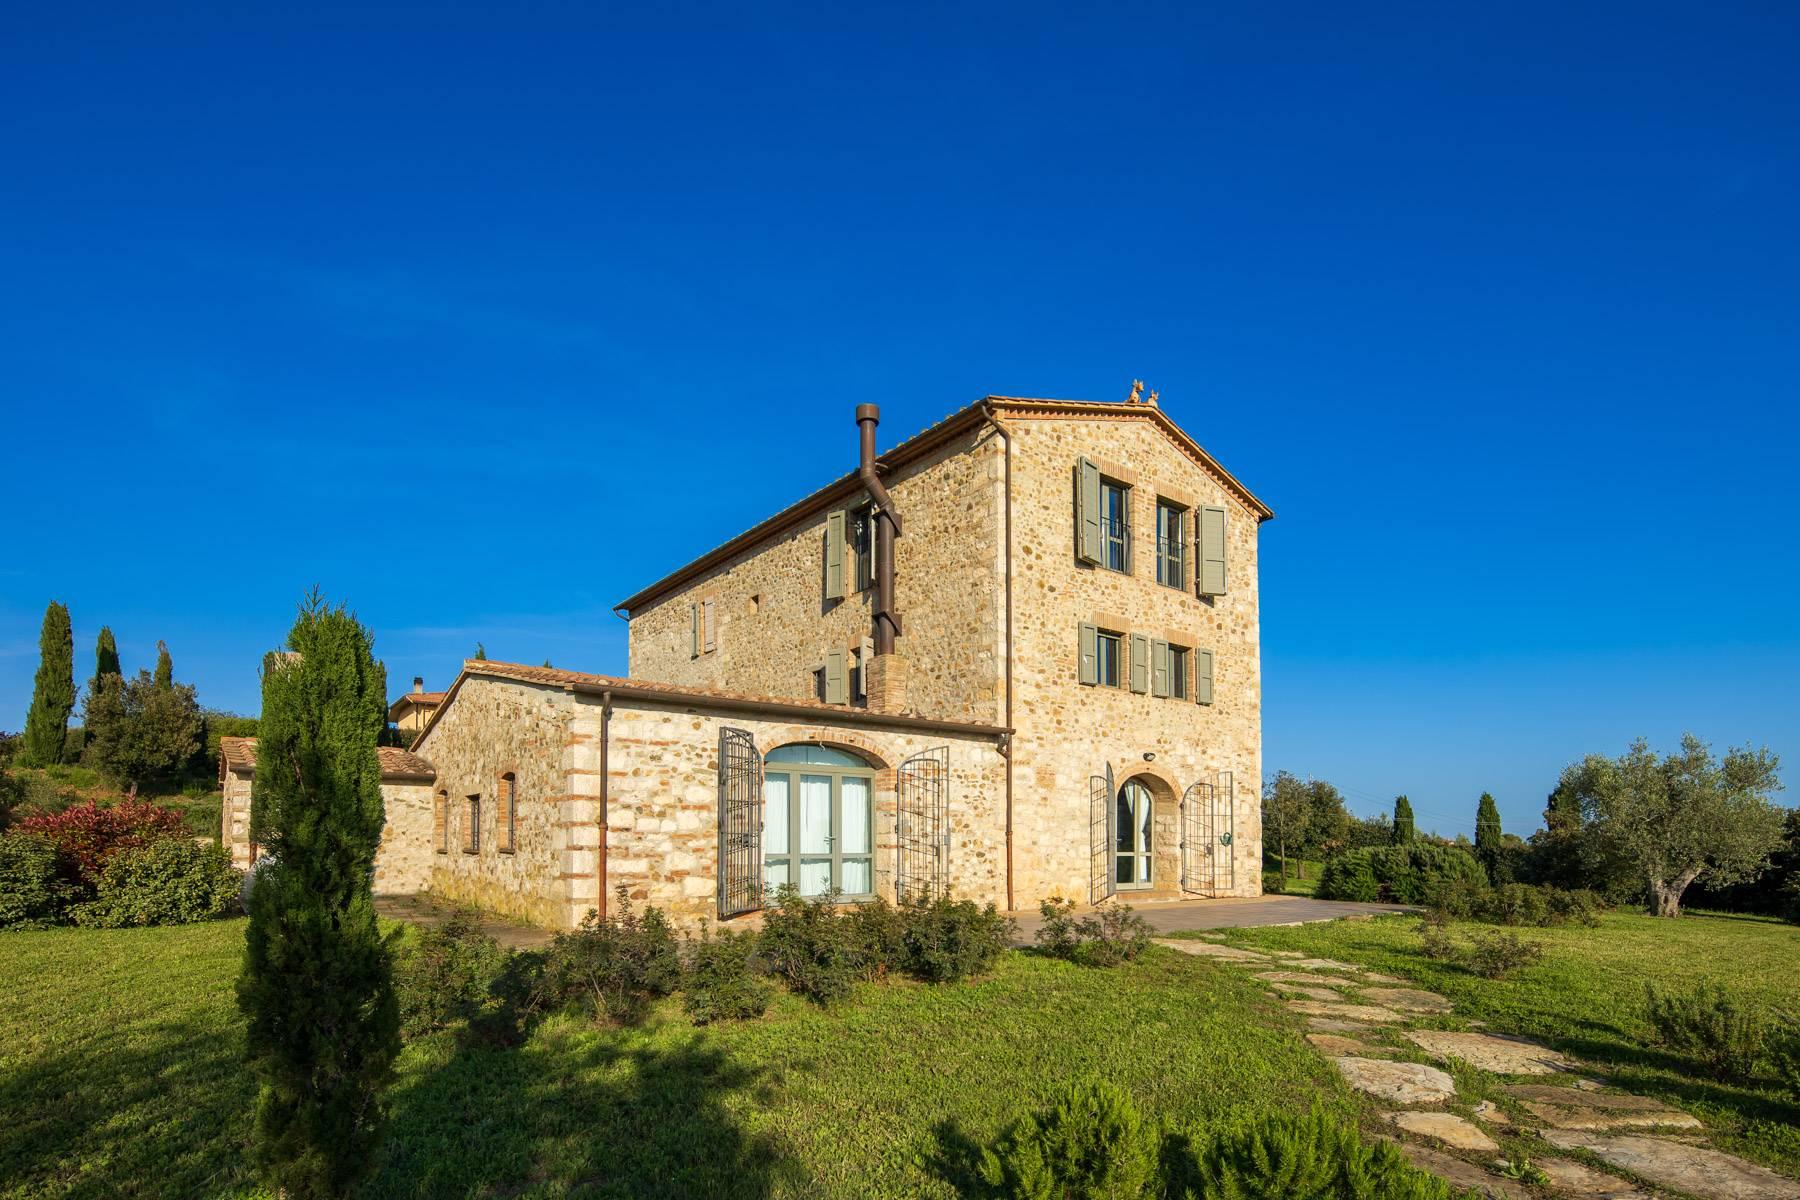 Rustico in Vendita a Magliano In Toscana: 5 locali, 1044 mq - Foto 6